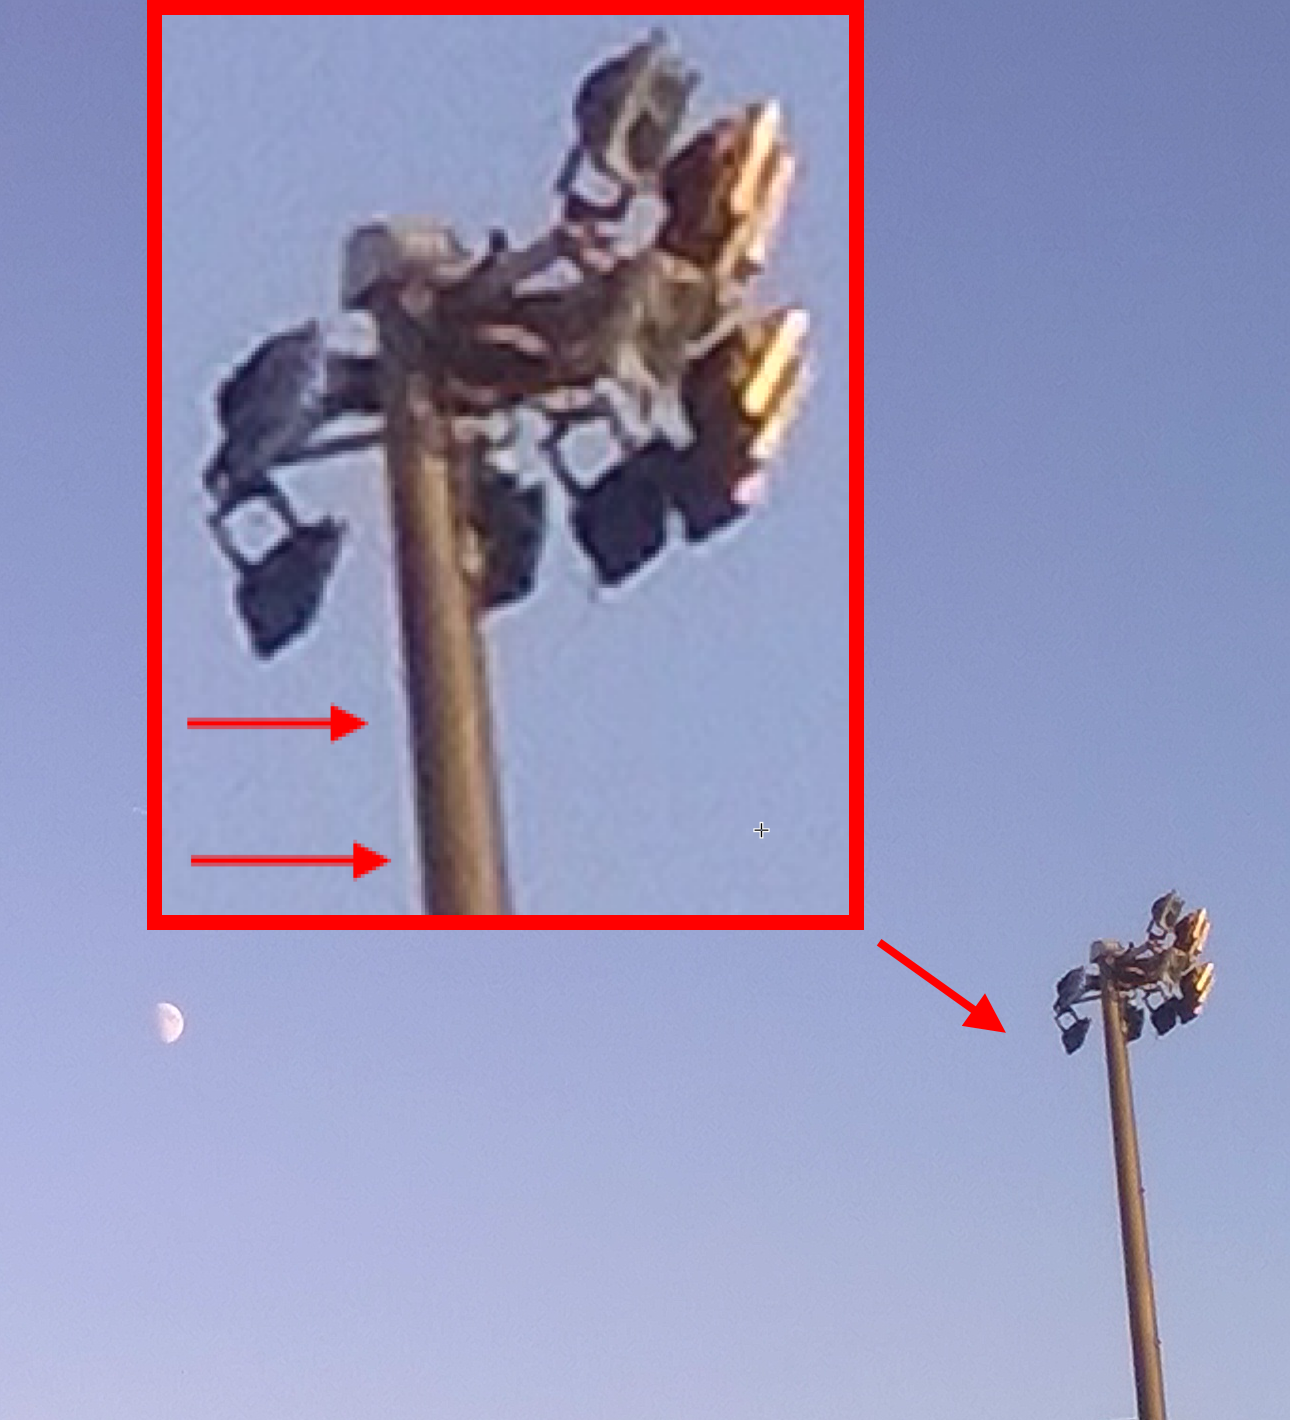 2014: le 01/11 à 17h00 - Un phénomène ovni troublant -  Ovnis à Cherbourg-octeville - Manche (dép.50) KfR9gF